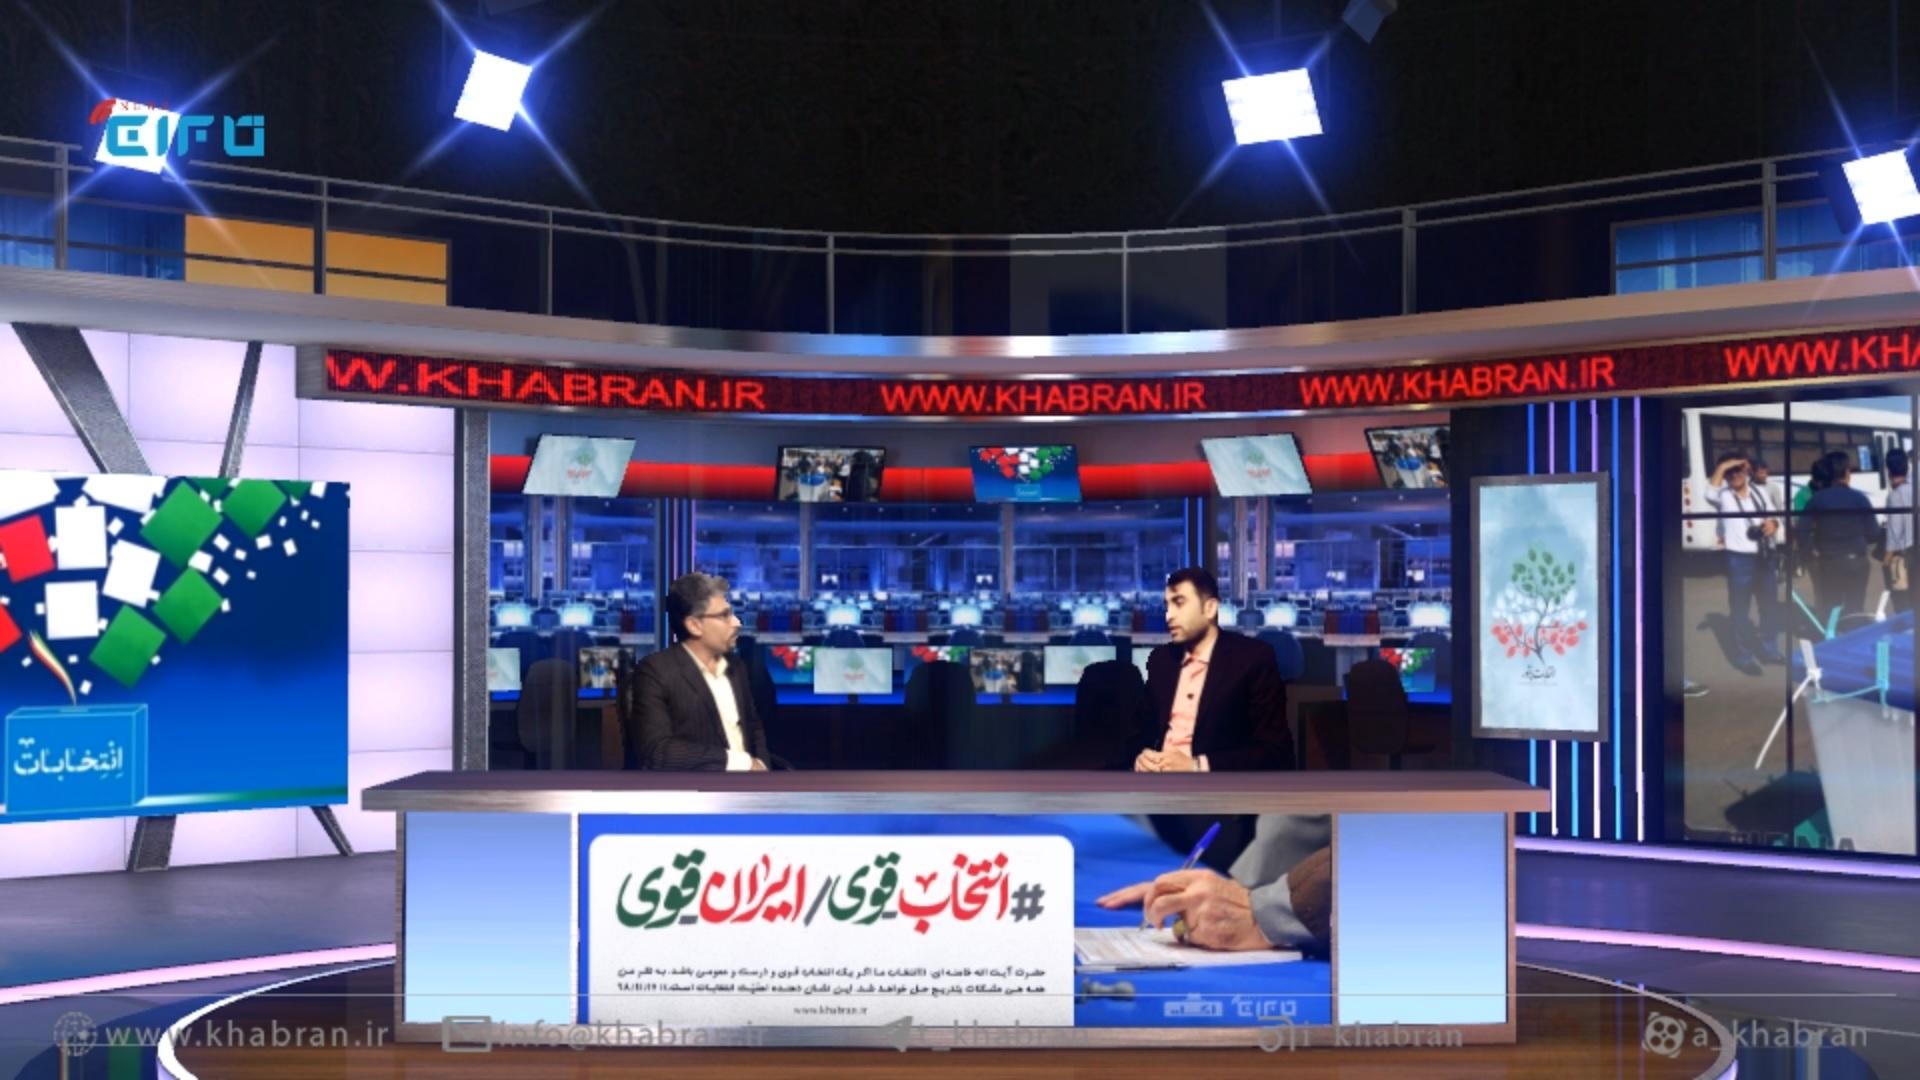 آگاه | قسمت نهم – گفتگو با حسین کردزنگنه،کاندیدای ششمین دوره انتخابات شورای شهر رامشیر